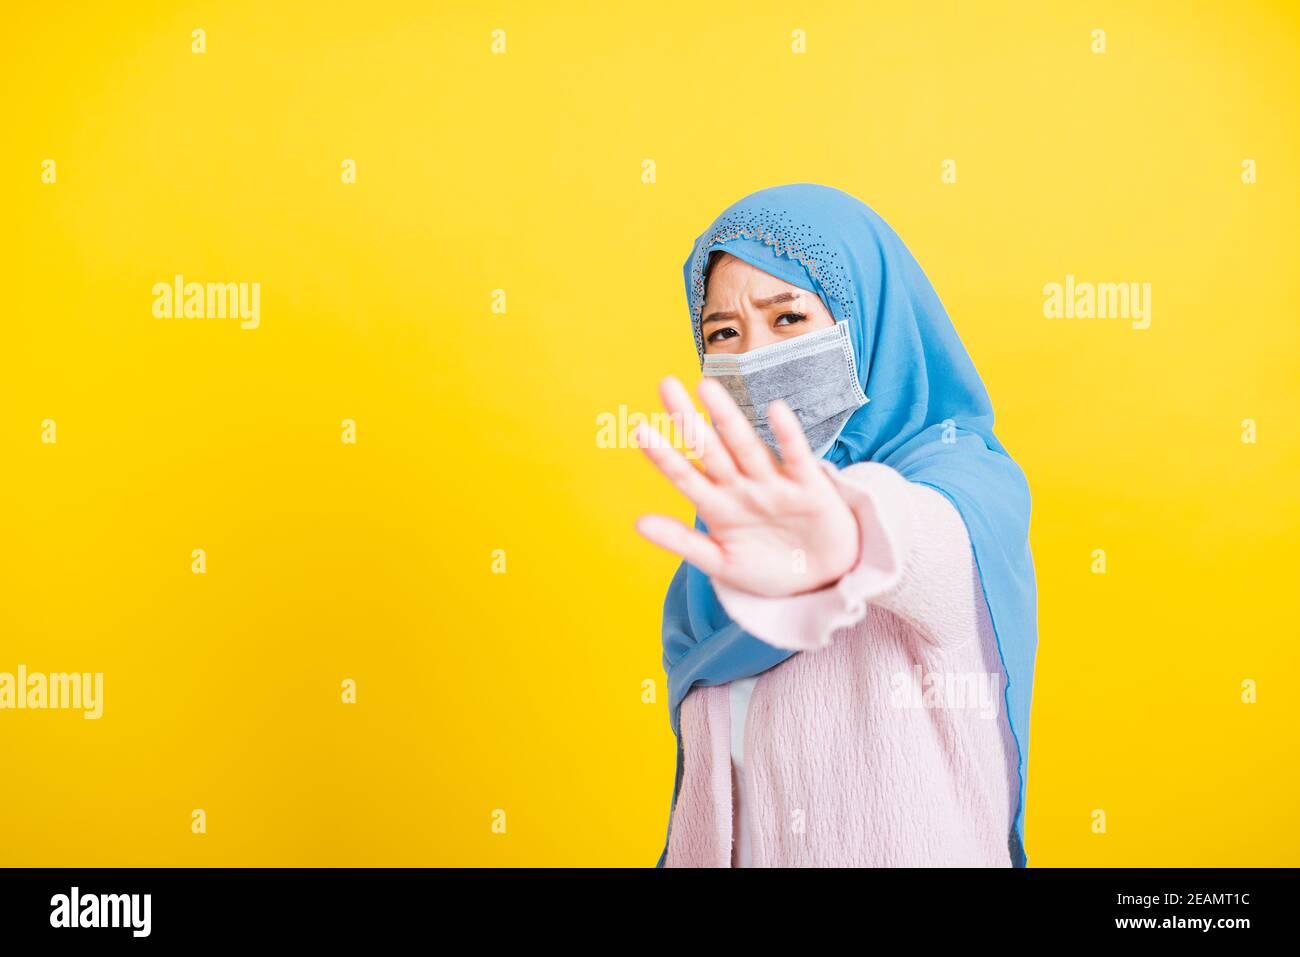 Asiatique musulmane arabe femme Islam religieux porter voile hijab show dites sans signe à la main Banque D'Images